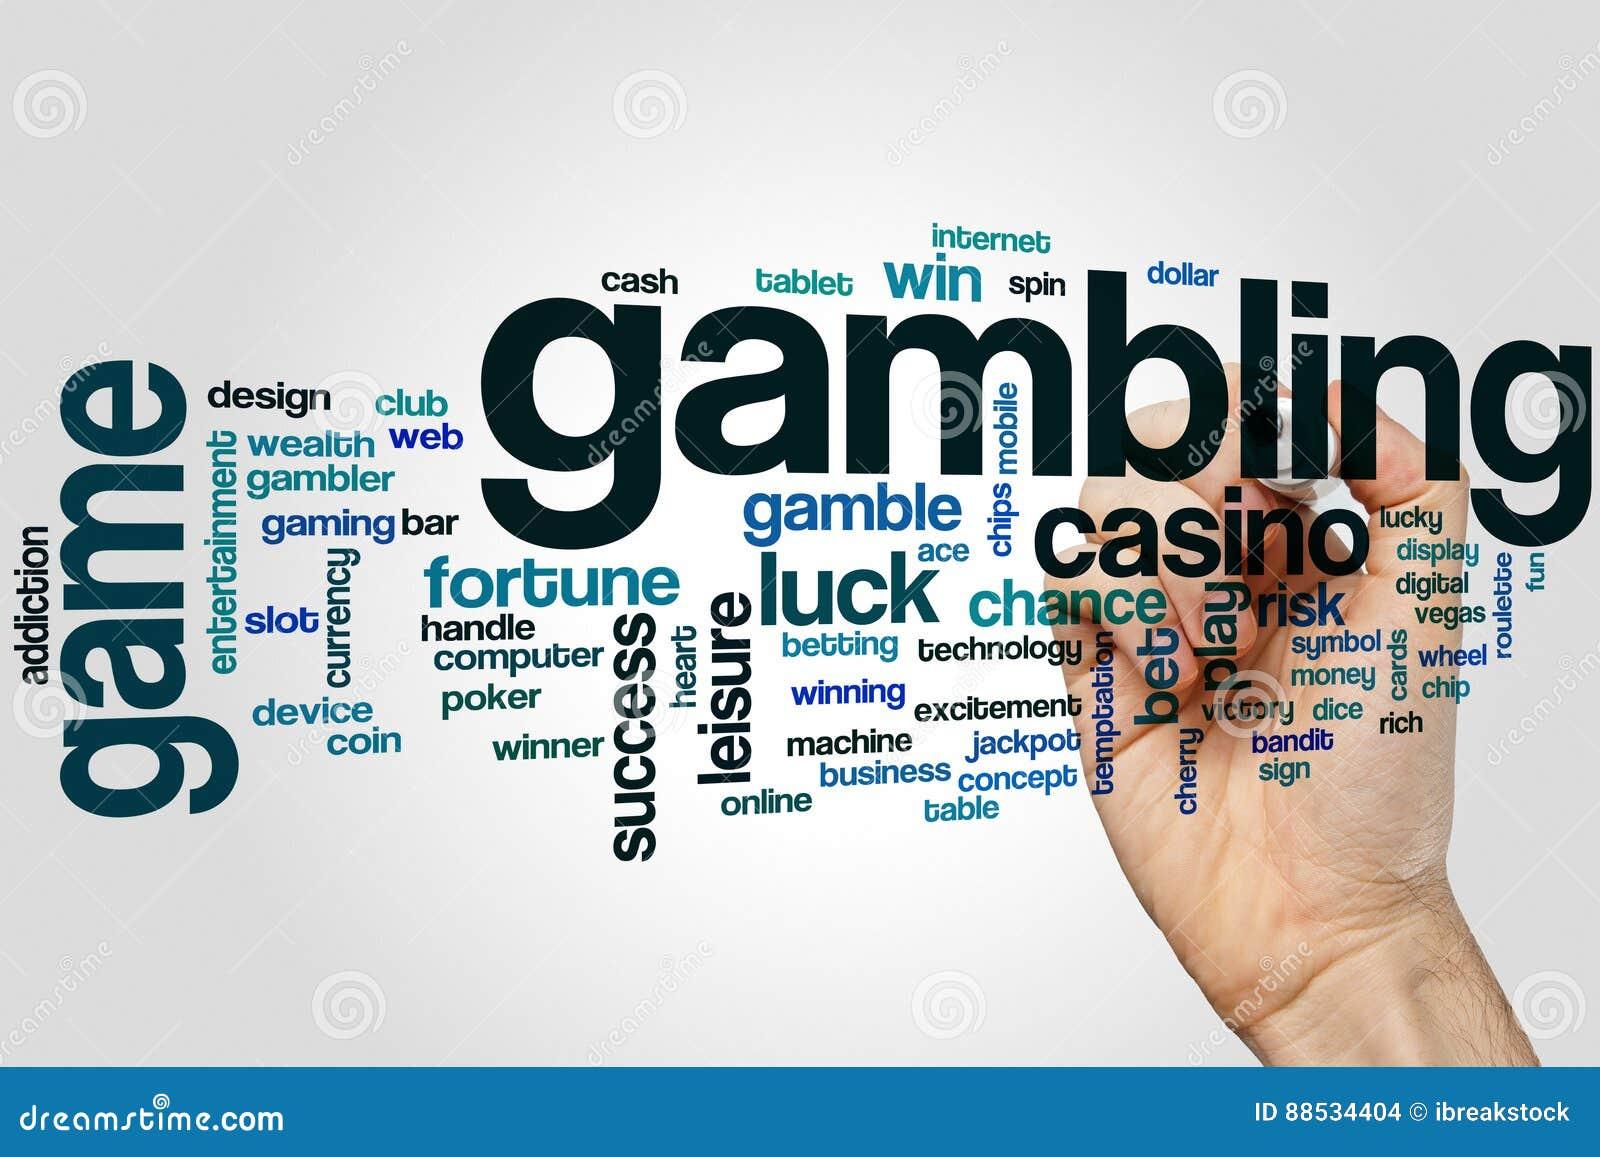 Main poker online kalah terus